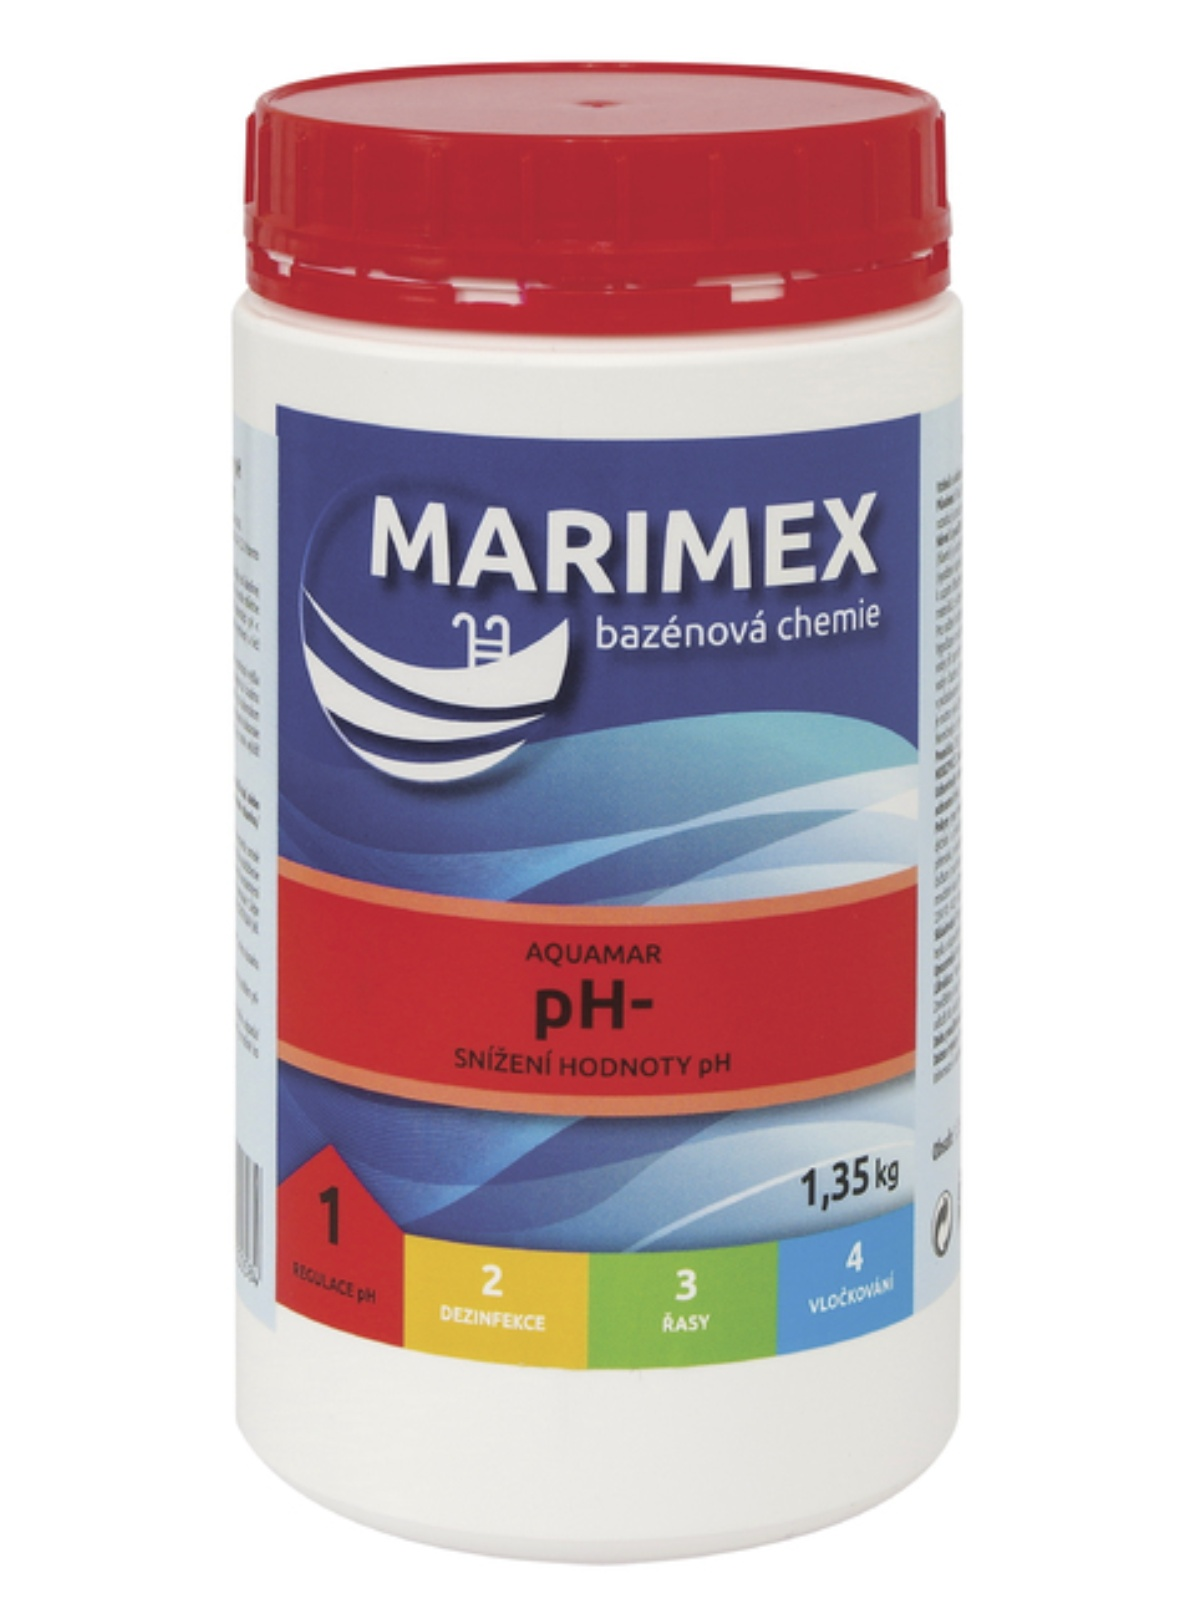 MARIMEX AQUAMAR pH - 1,35 kg